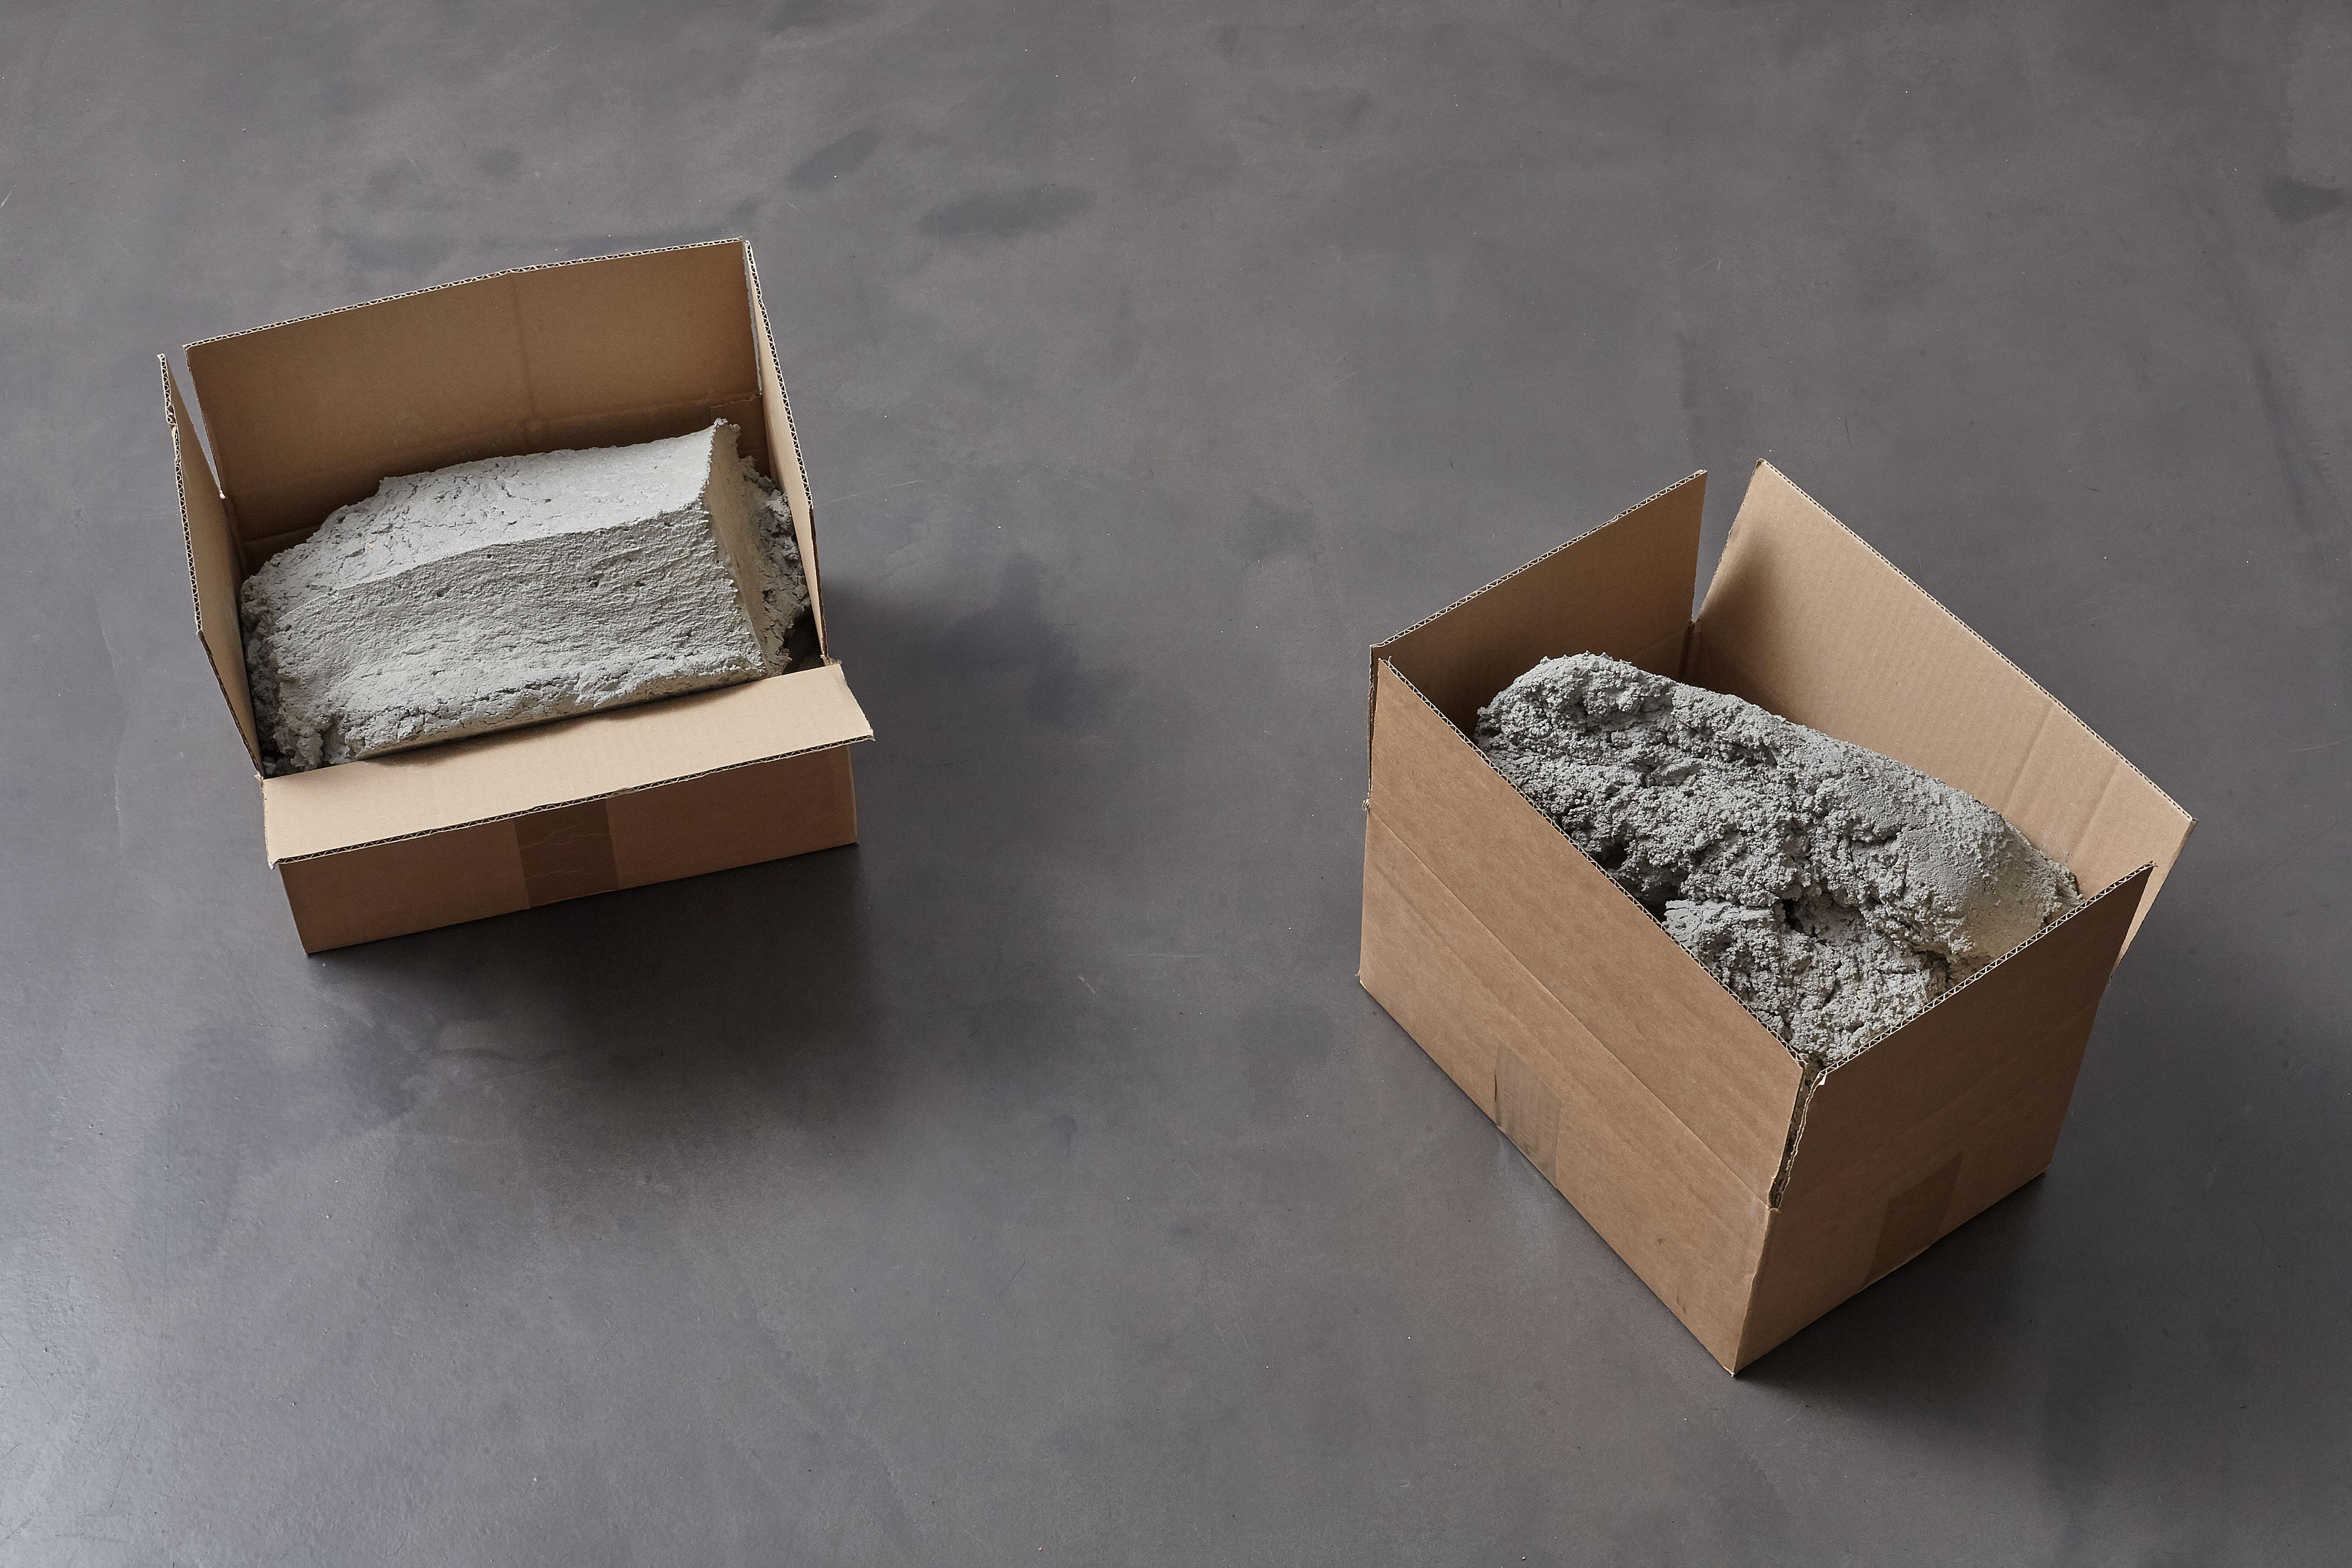 Christoph Weber, Carton pierres, 2016